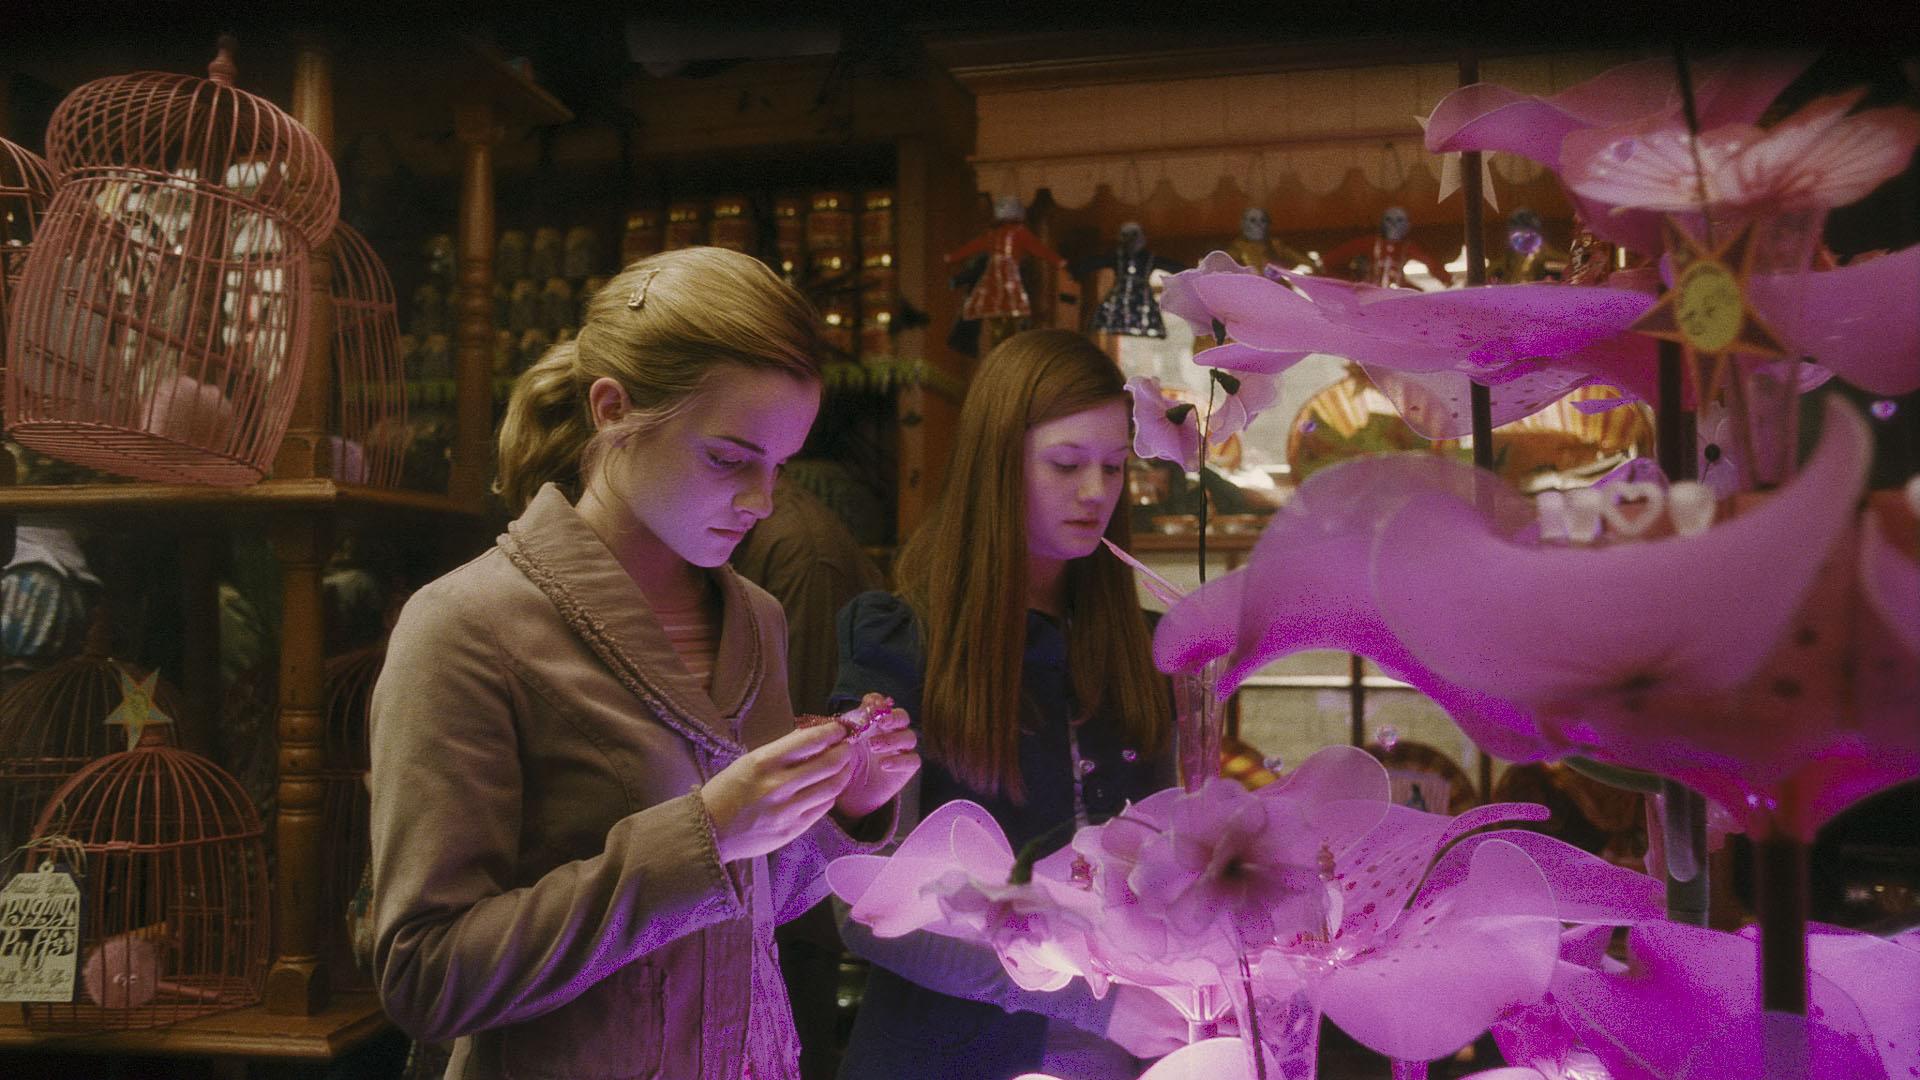 Hermione Granger e Gina Weasley admiram poções do amor na loja dos gêmeos Weasley